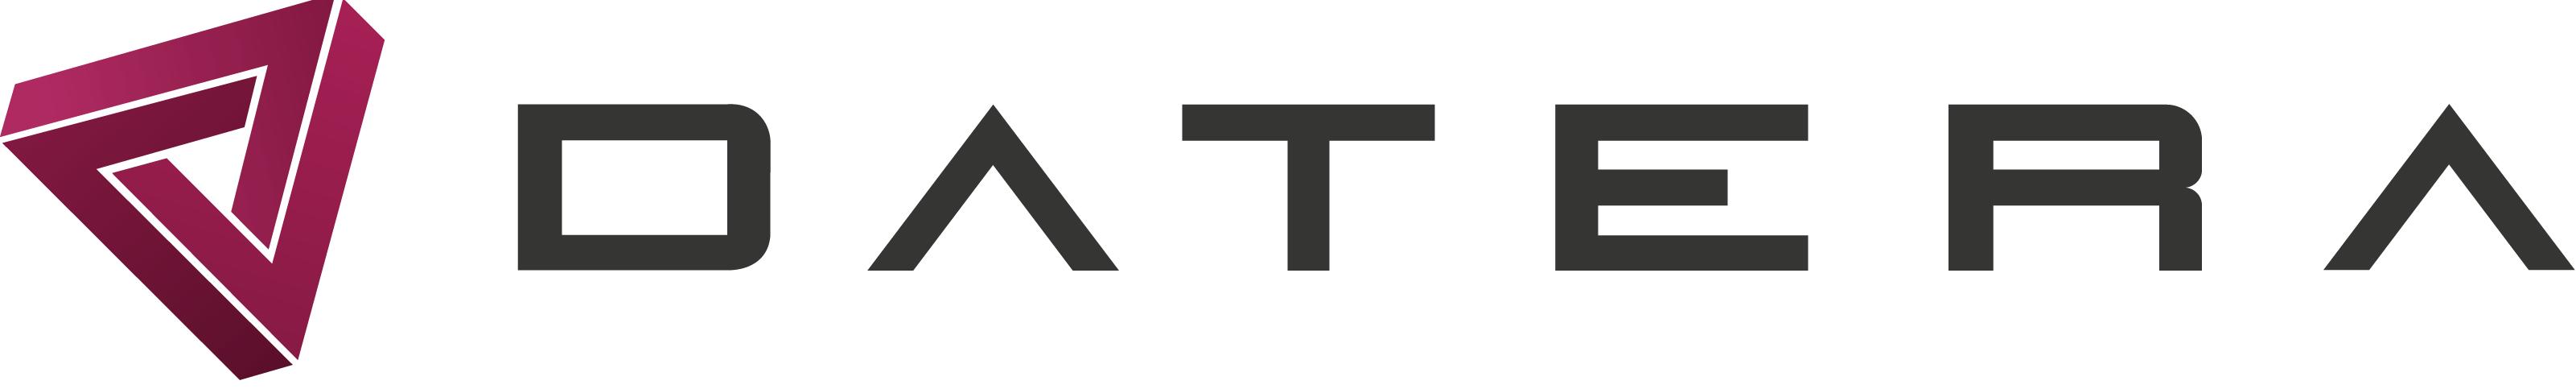 Logo główne FCN: kliknij, aby przejść do strony głównej serwisu.